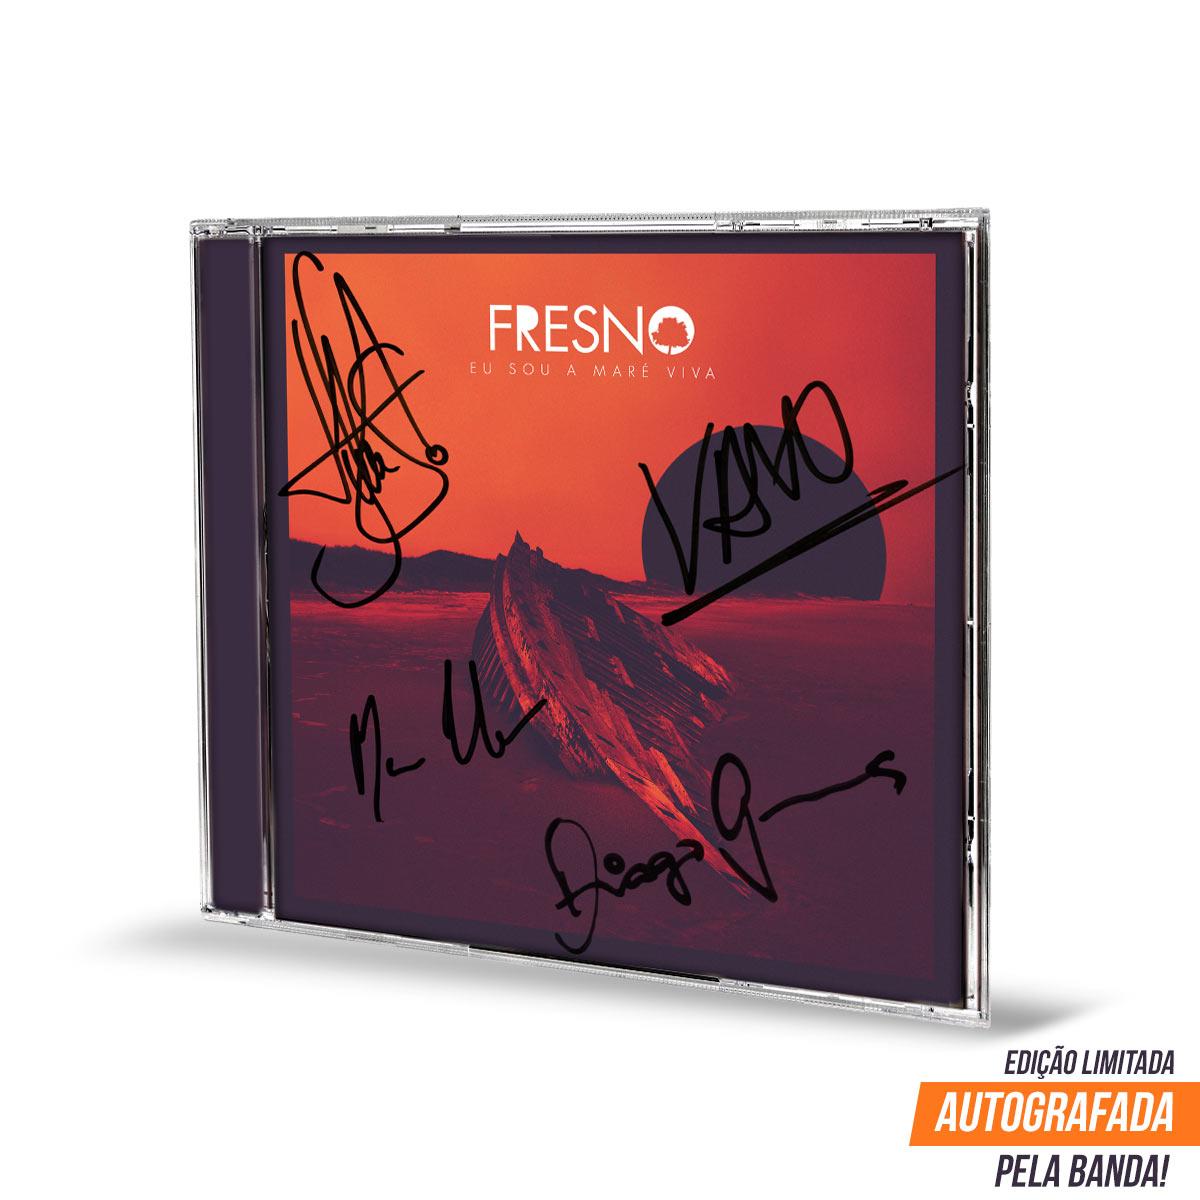 EP Autografado Fresno Eu Sou A Maré Viva